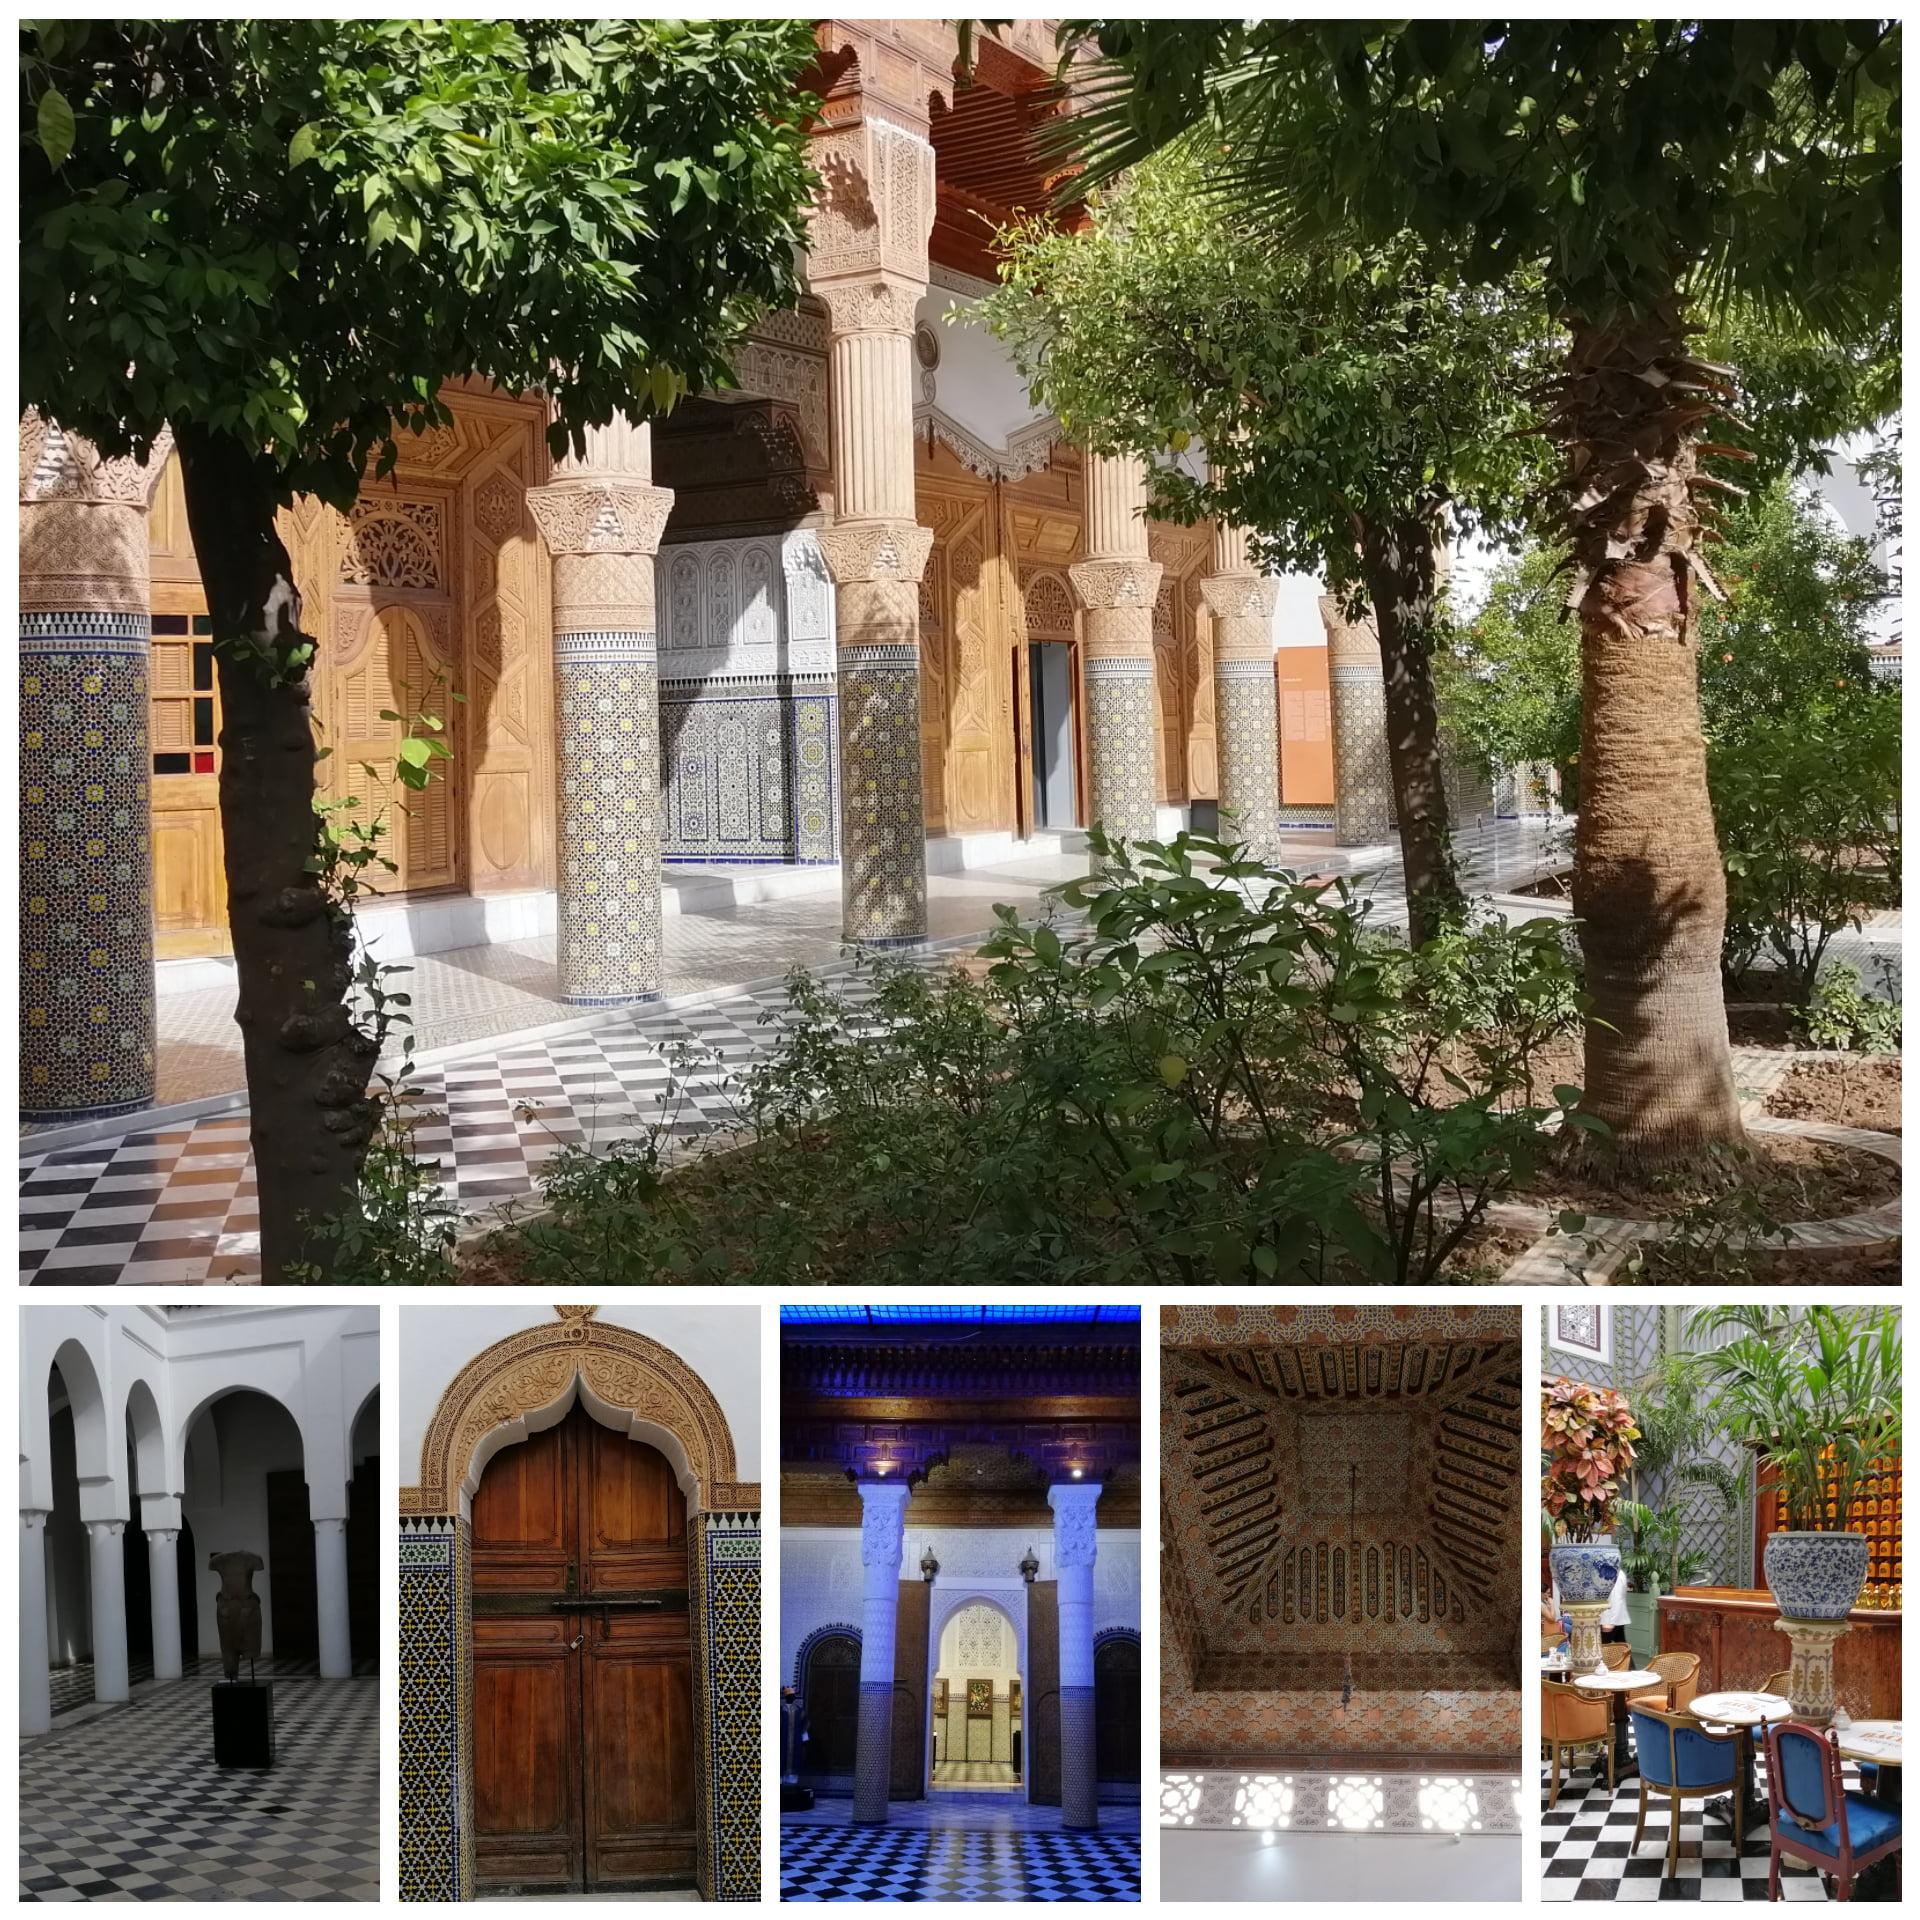 15 au 26 février 2021 : Voyage culturel et de ressourcement dans le désert au Maroc 5